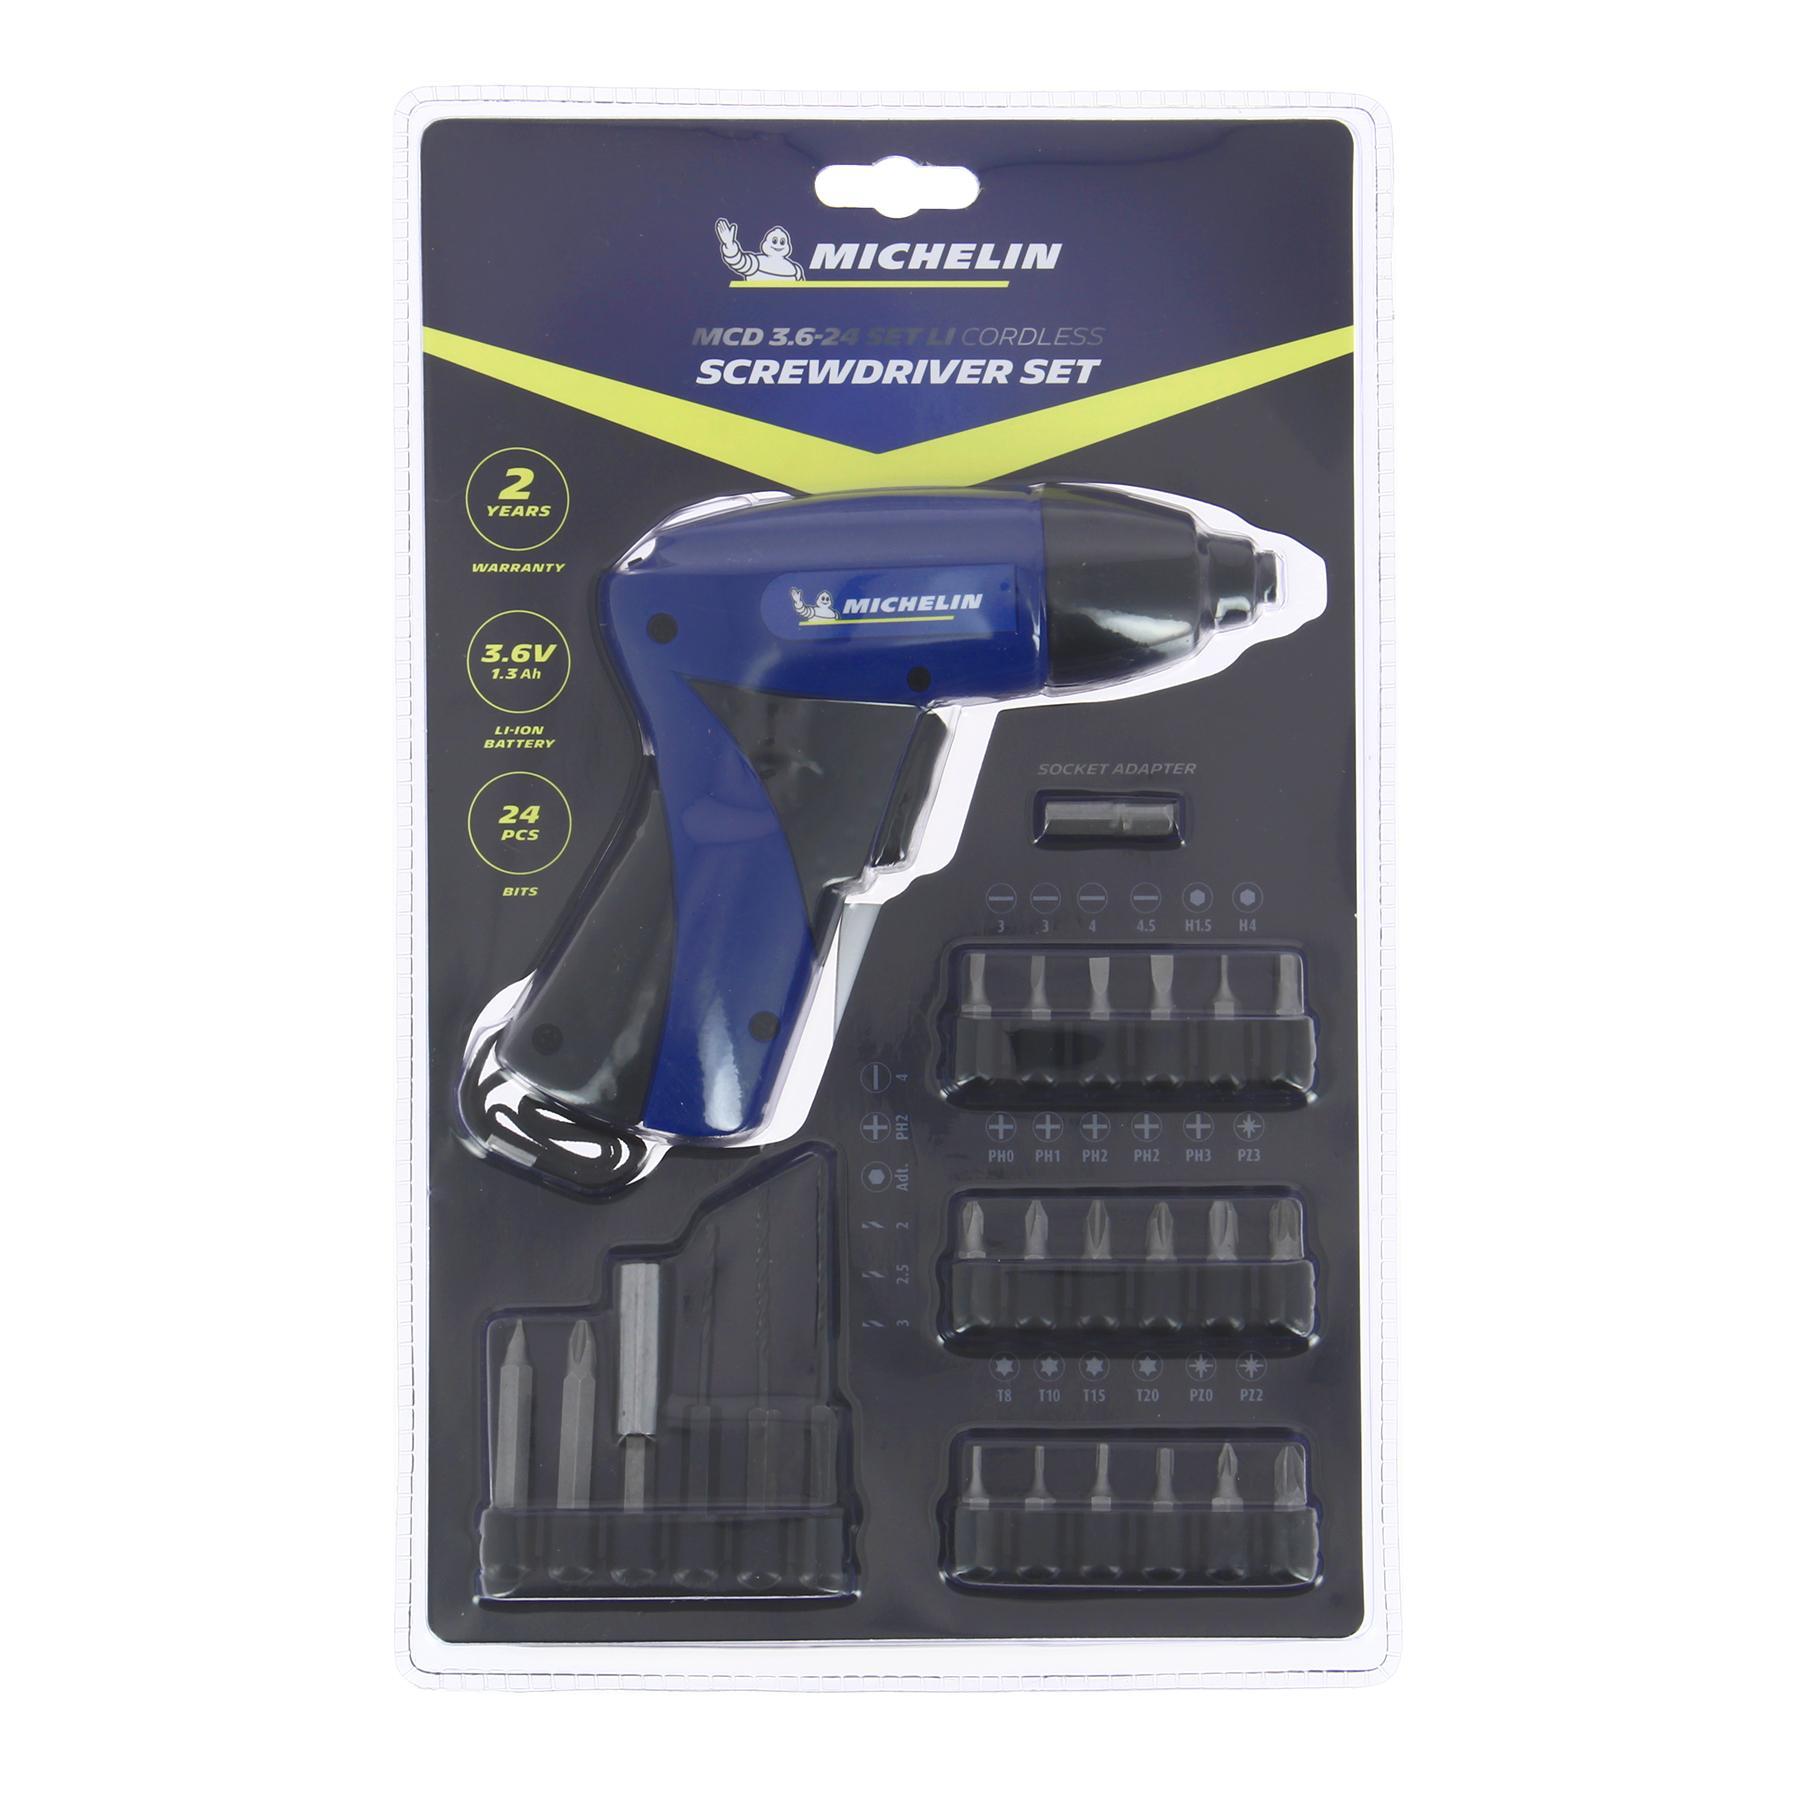 008527 Akkuschrauber Michelin - Markenprodukte billig